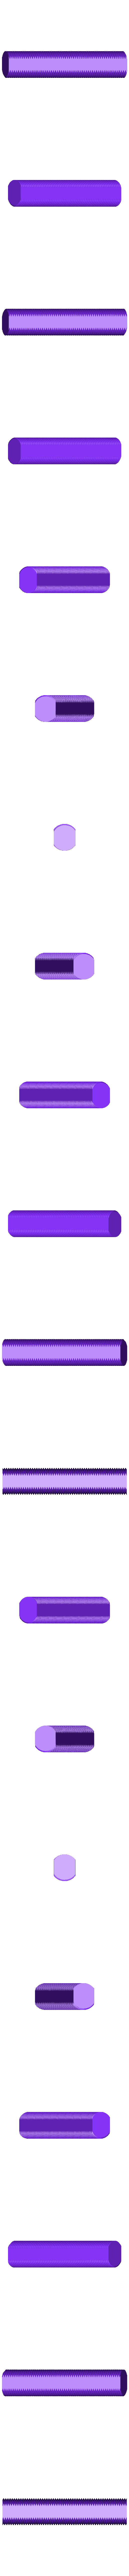 Handle_Screw.stl Télécharger fichier STL gratuit Mario + Lapins Crétins - Plumer's Helper Boomshot • Modèle pour impression 3D, Dsk